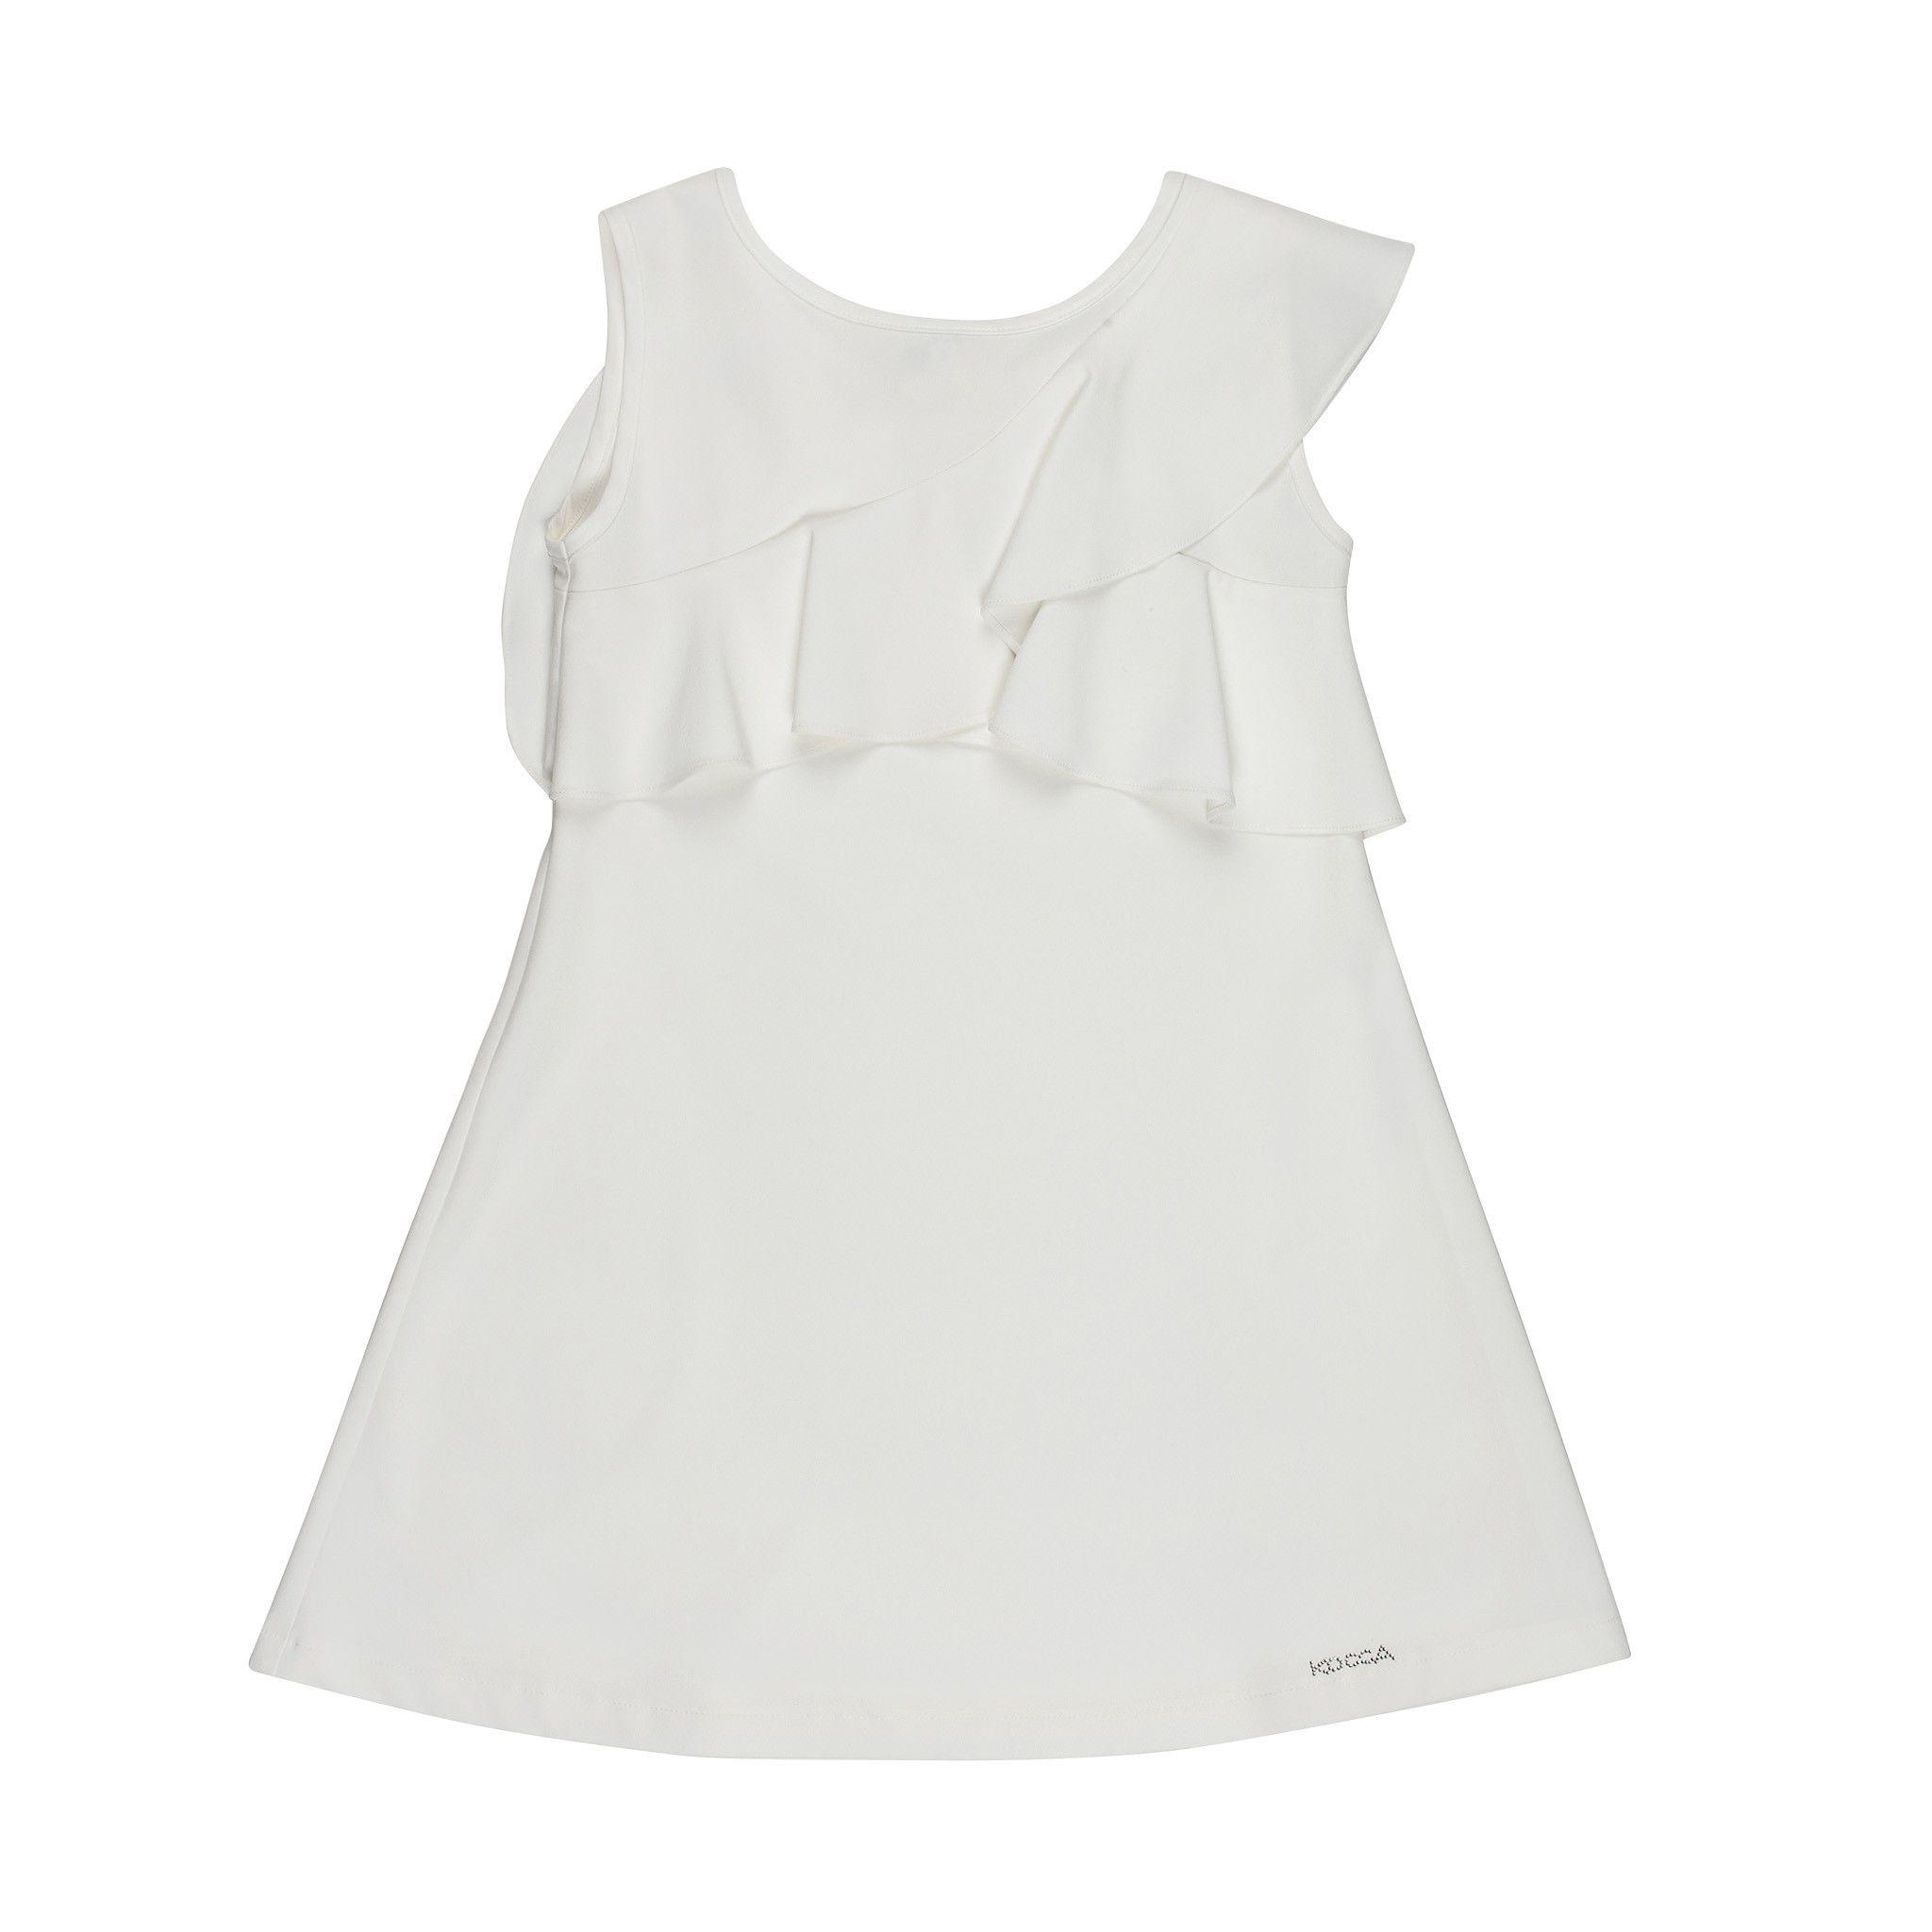 Kocca  Dress In White